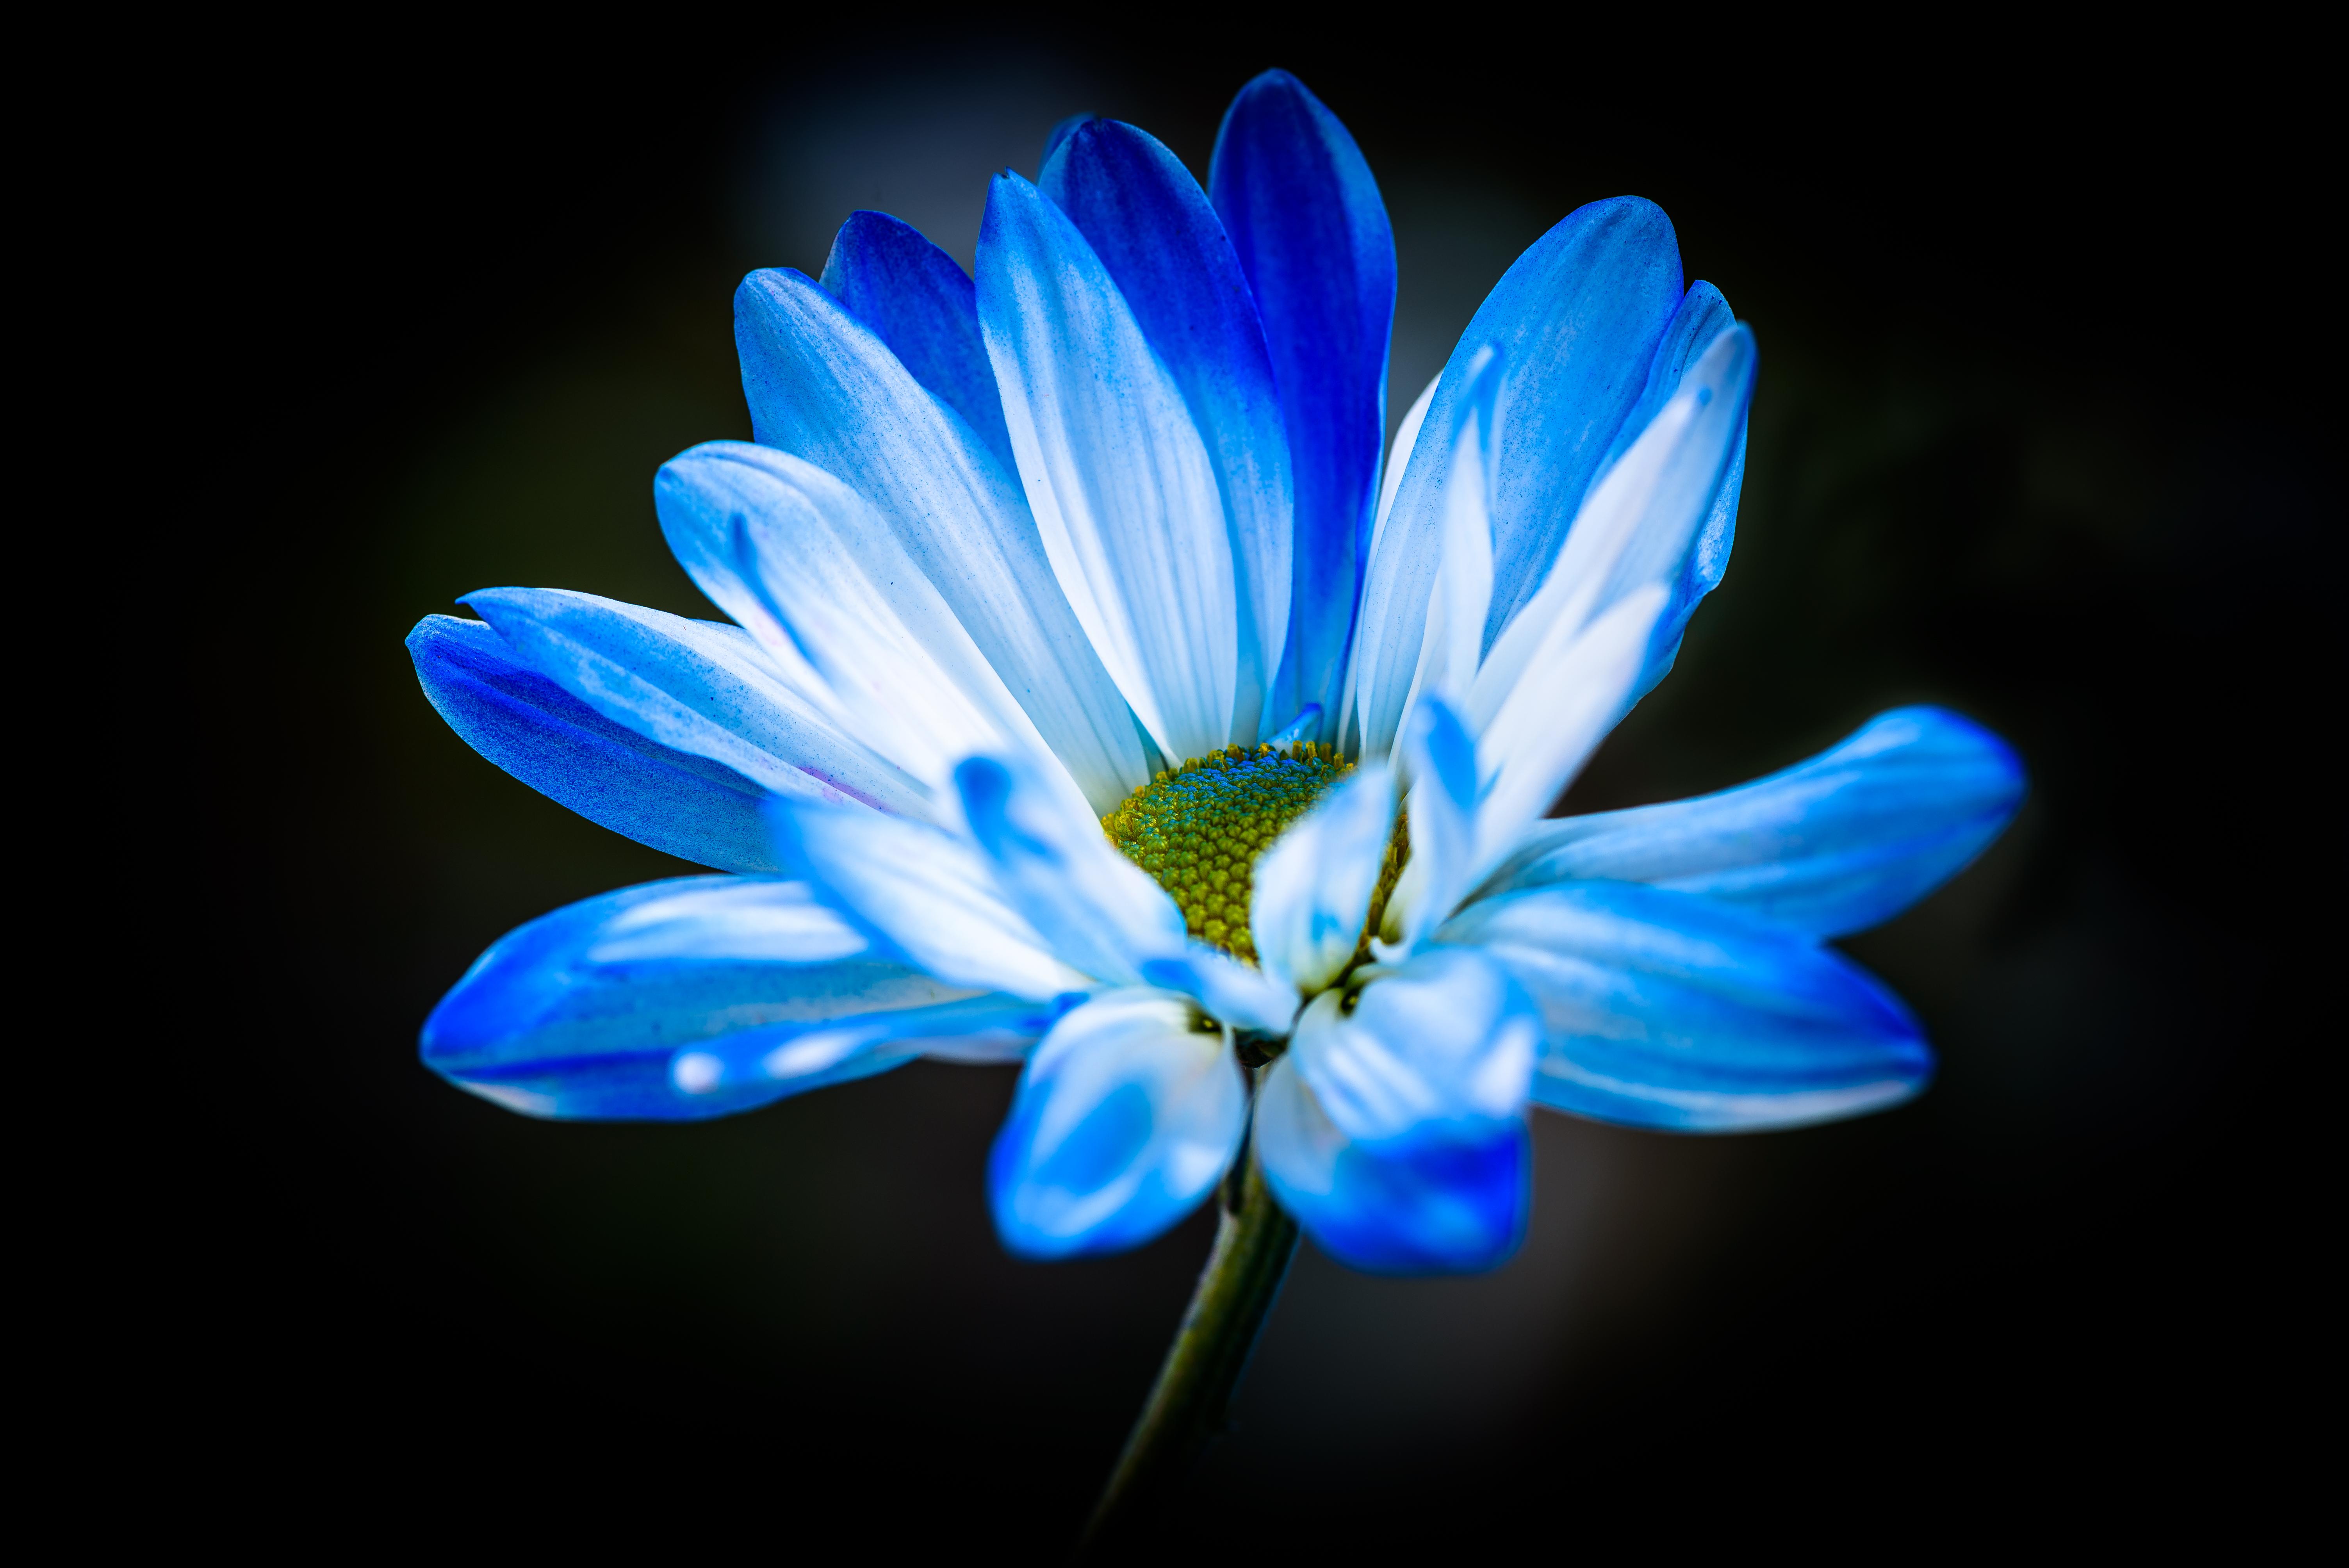 Flower #7264